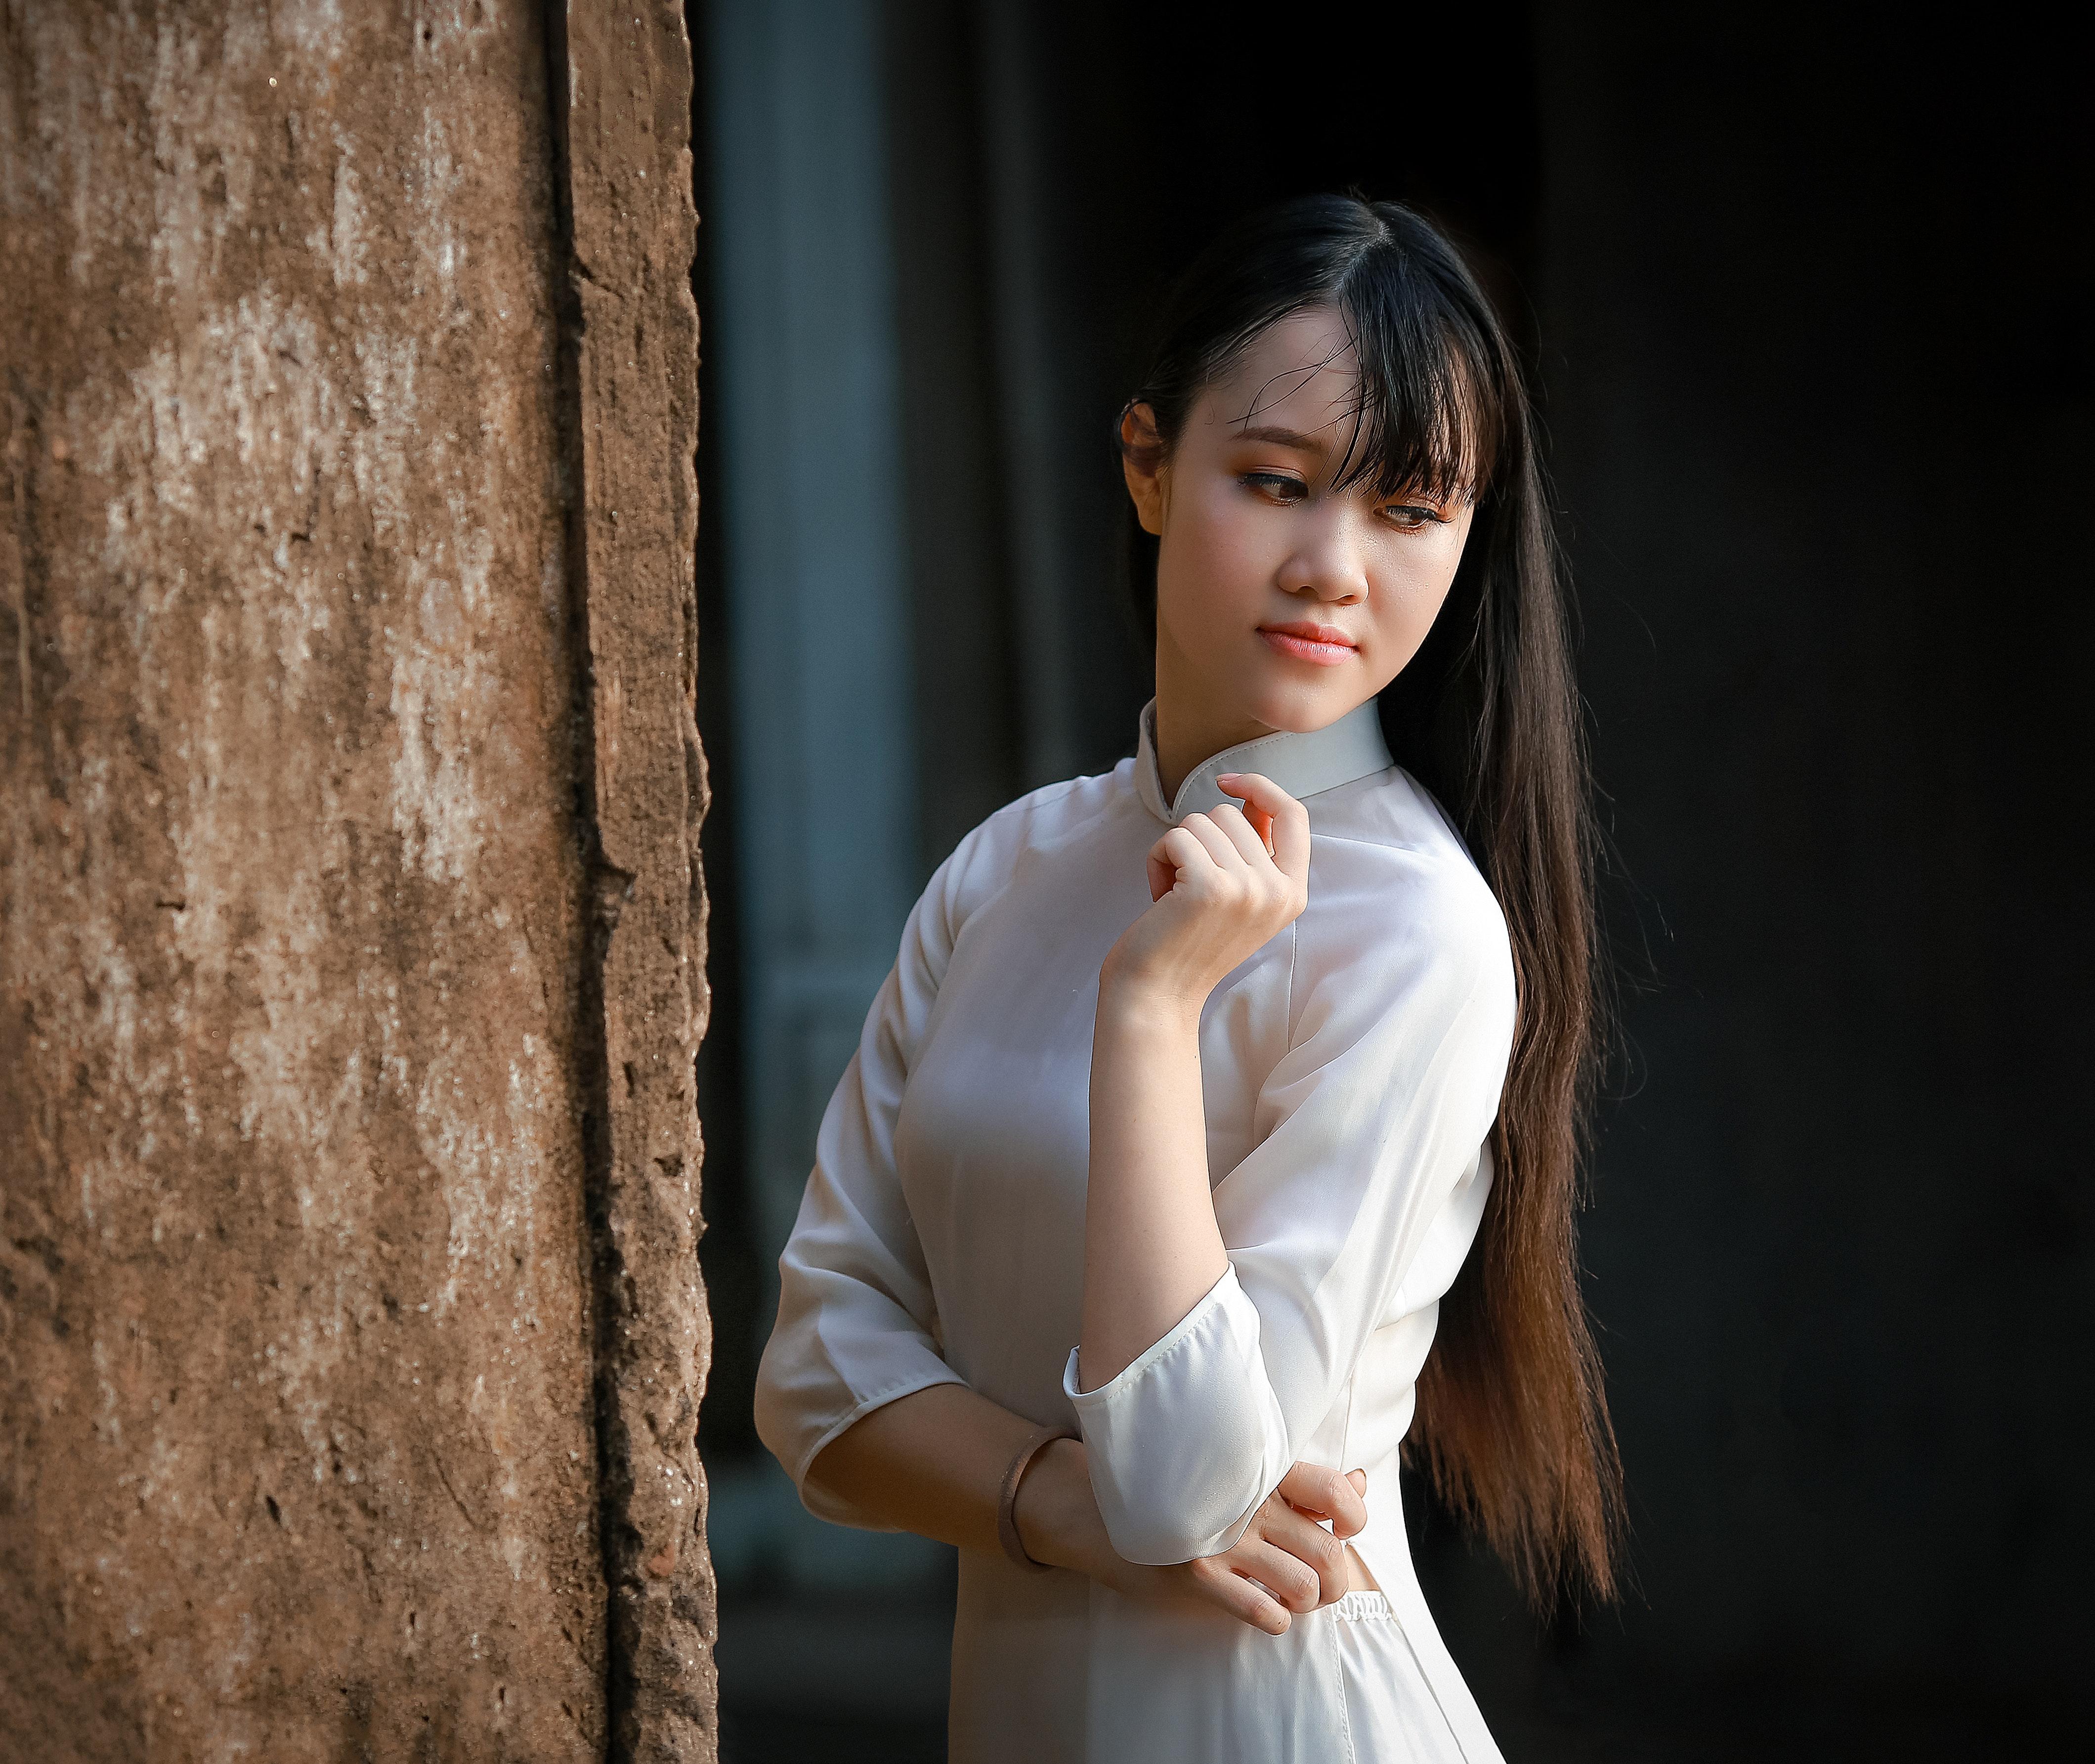 Women in white long-sleeved dress photo